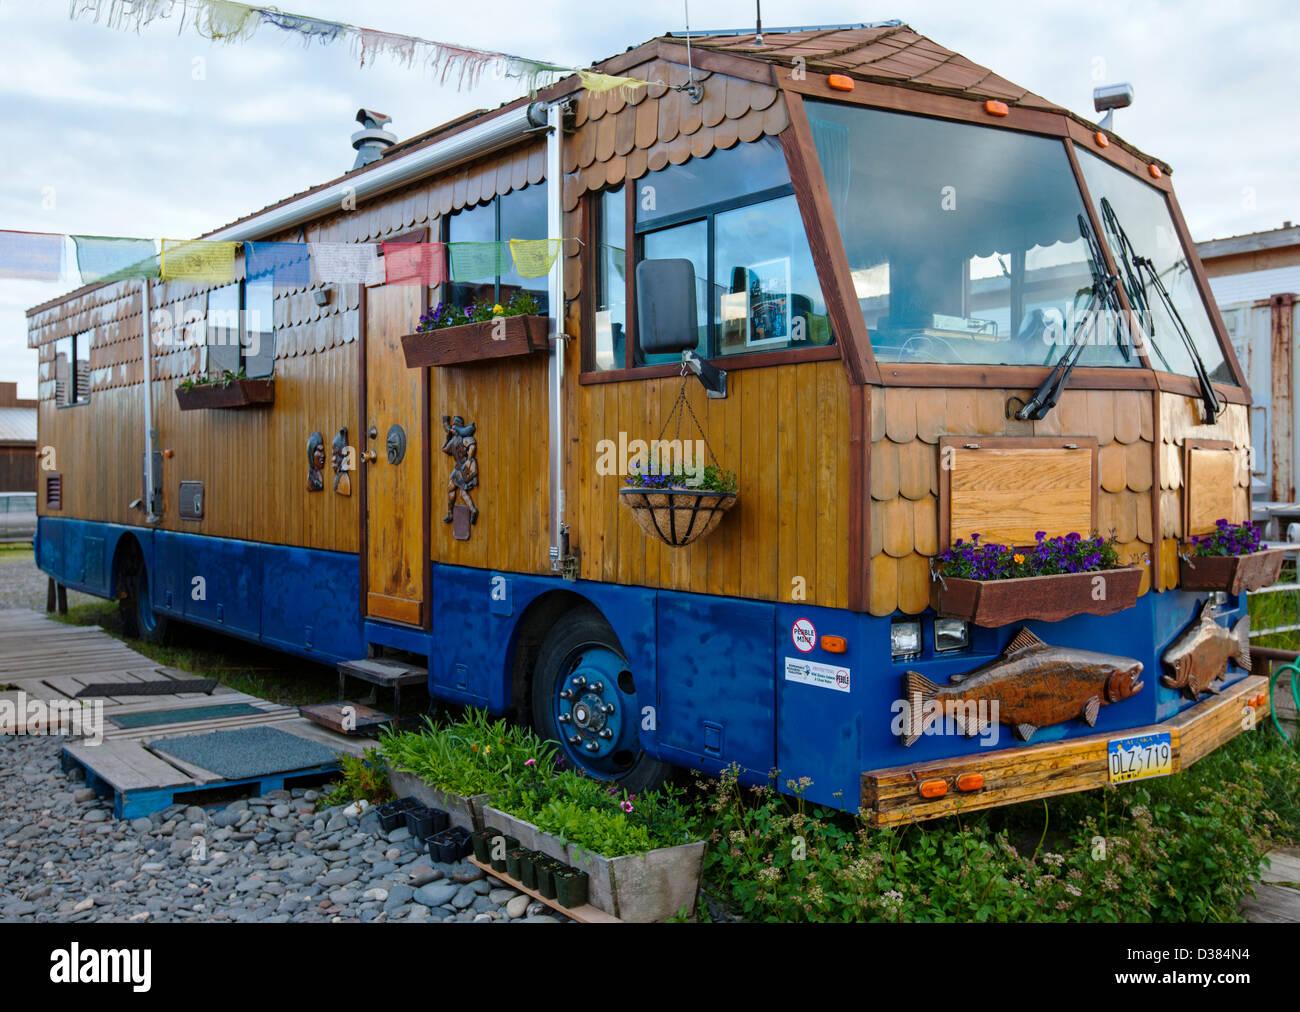 Residente di Homer Spit vive in un custom veicolo per attività ricreative, Omero, Alaska, STATI UNITI D'AMERICA Immagini Stock